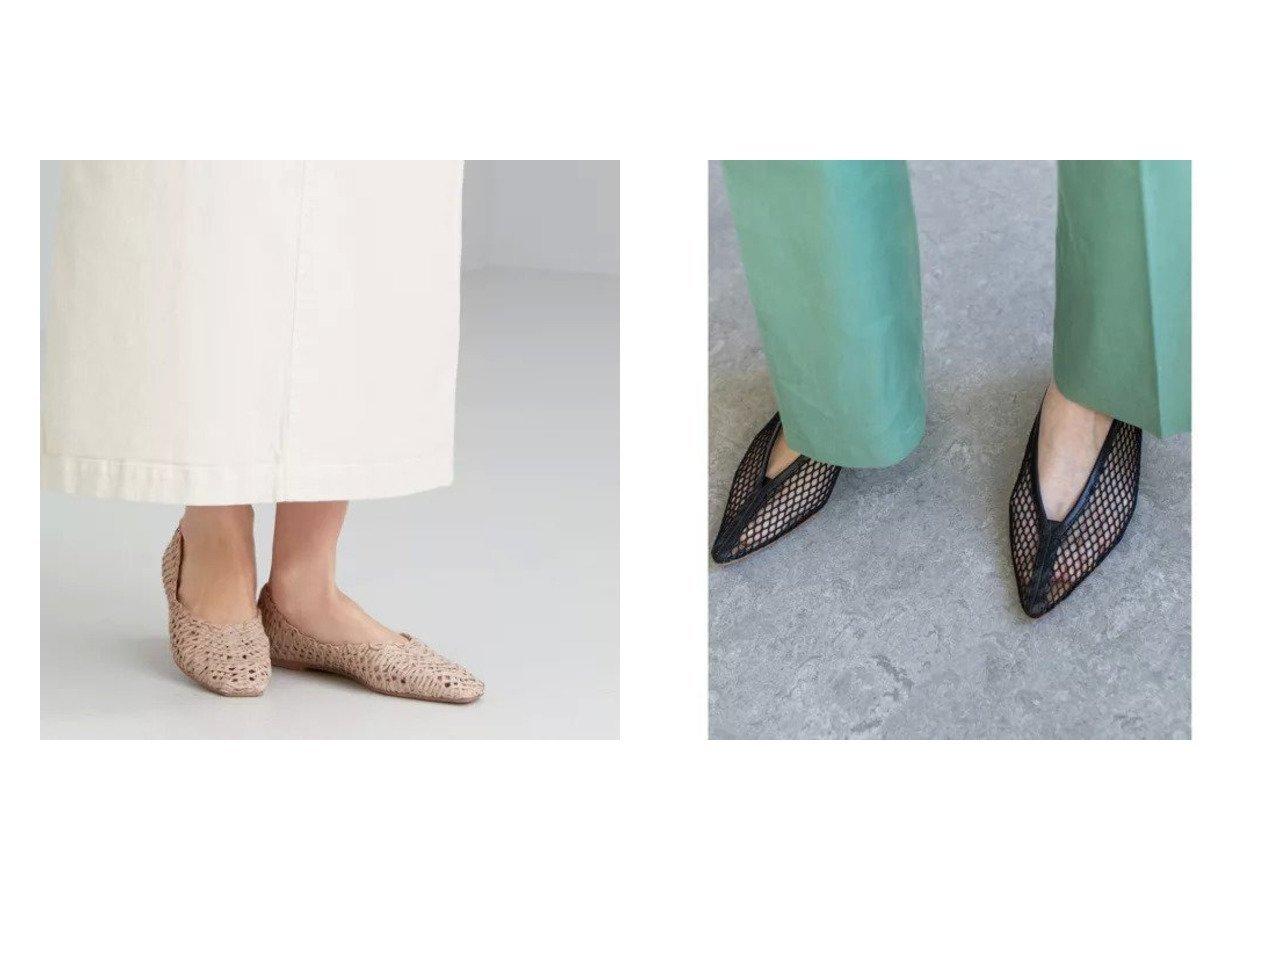 【GALLARDAGALANTE/ガリャルダガランテ】の【PELLICO】メッシュディープカットフラットシューズ&【green label relaxing / UNITED ARROWS/グリーンレーベル リラクシング / ユナイテッドアローズ】のFFC スクエア メッシュ フラット シューズ (1cmヒール) 【シューズ・靴】おすすめ!人気、トレンド・レディースファッションの通販 おすすめで人気の流行・トレンド、ファッションの通販商品 メンズファッション・キッズファッション・インテリア・家具・レディースファッション・服の通販 founy(ファニー) https://founy.com/ ファッション Fashion レディースファッション WOMEN イタリア エレガント シューズ スエード スマート ネイル パイピング フォルム メッシュ スクエア デニム フラット リラックス ロング  ID:crp329100000029171